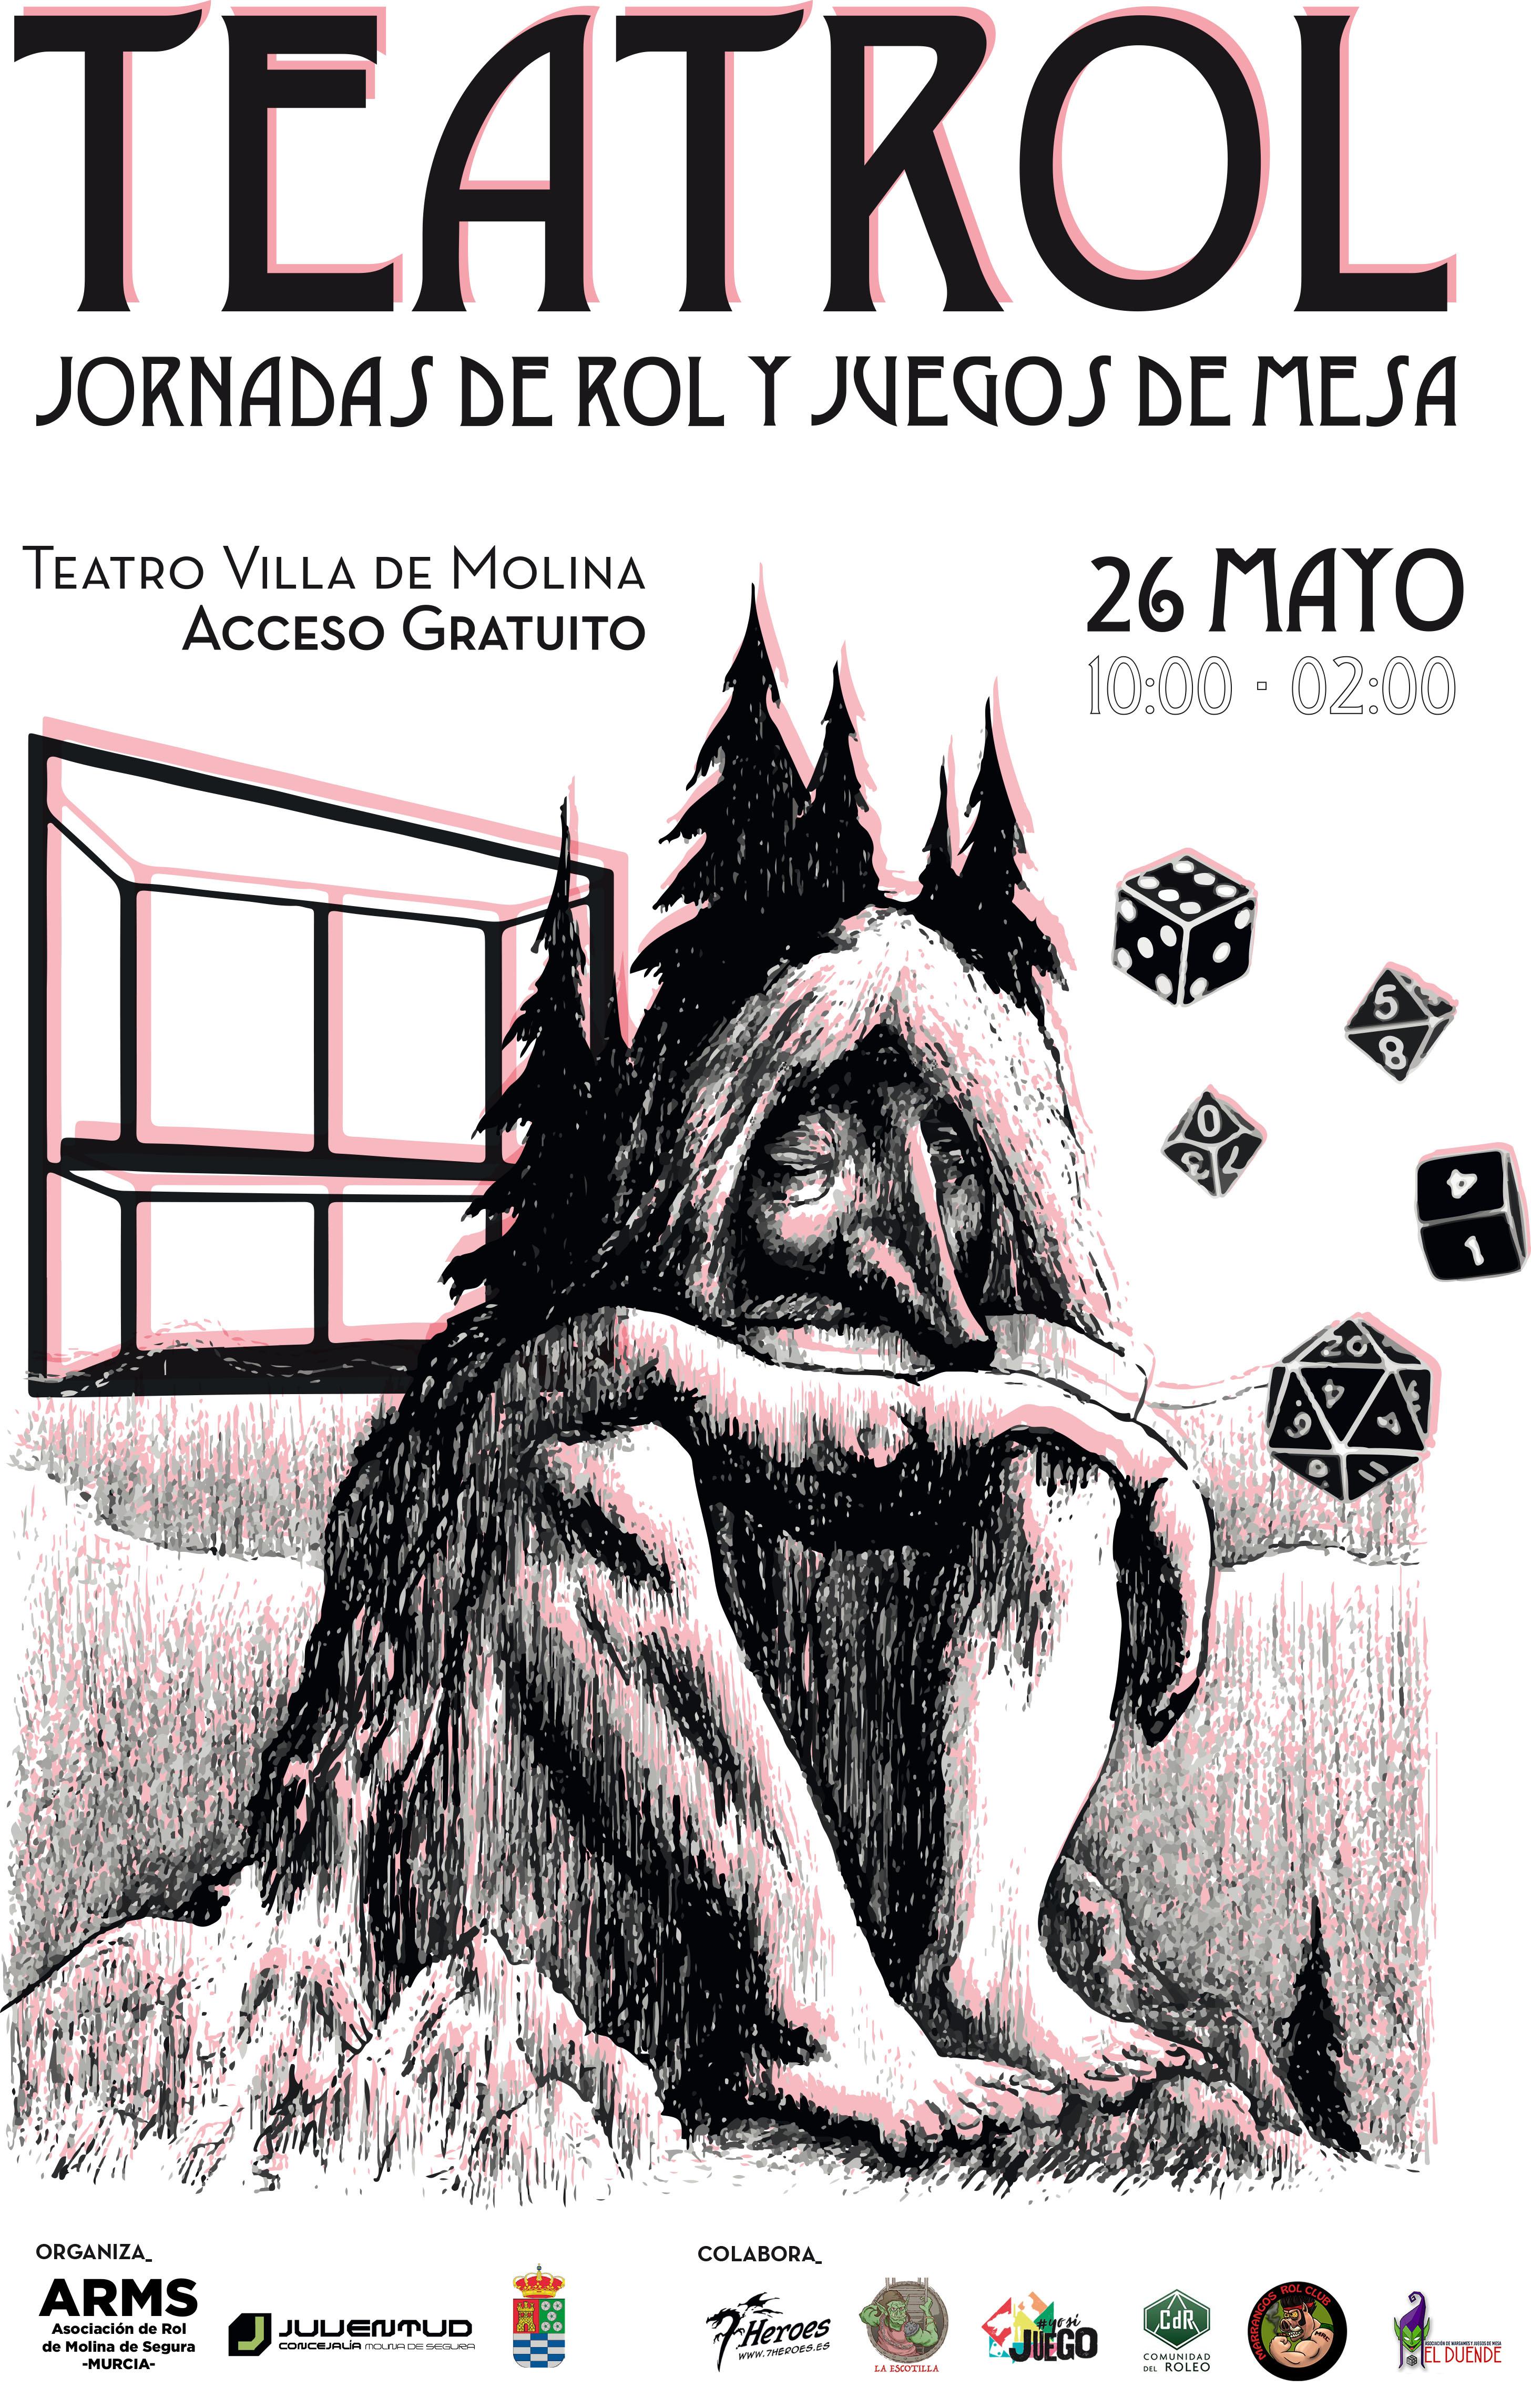 Jornadas Teatrol - Molina de Segura (Murcia) - 26 de Mayo TEATROL